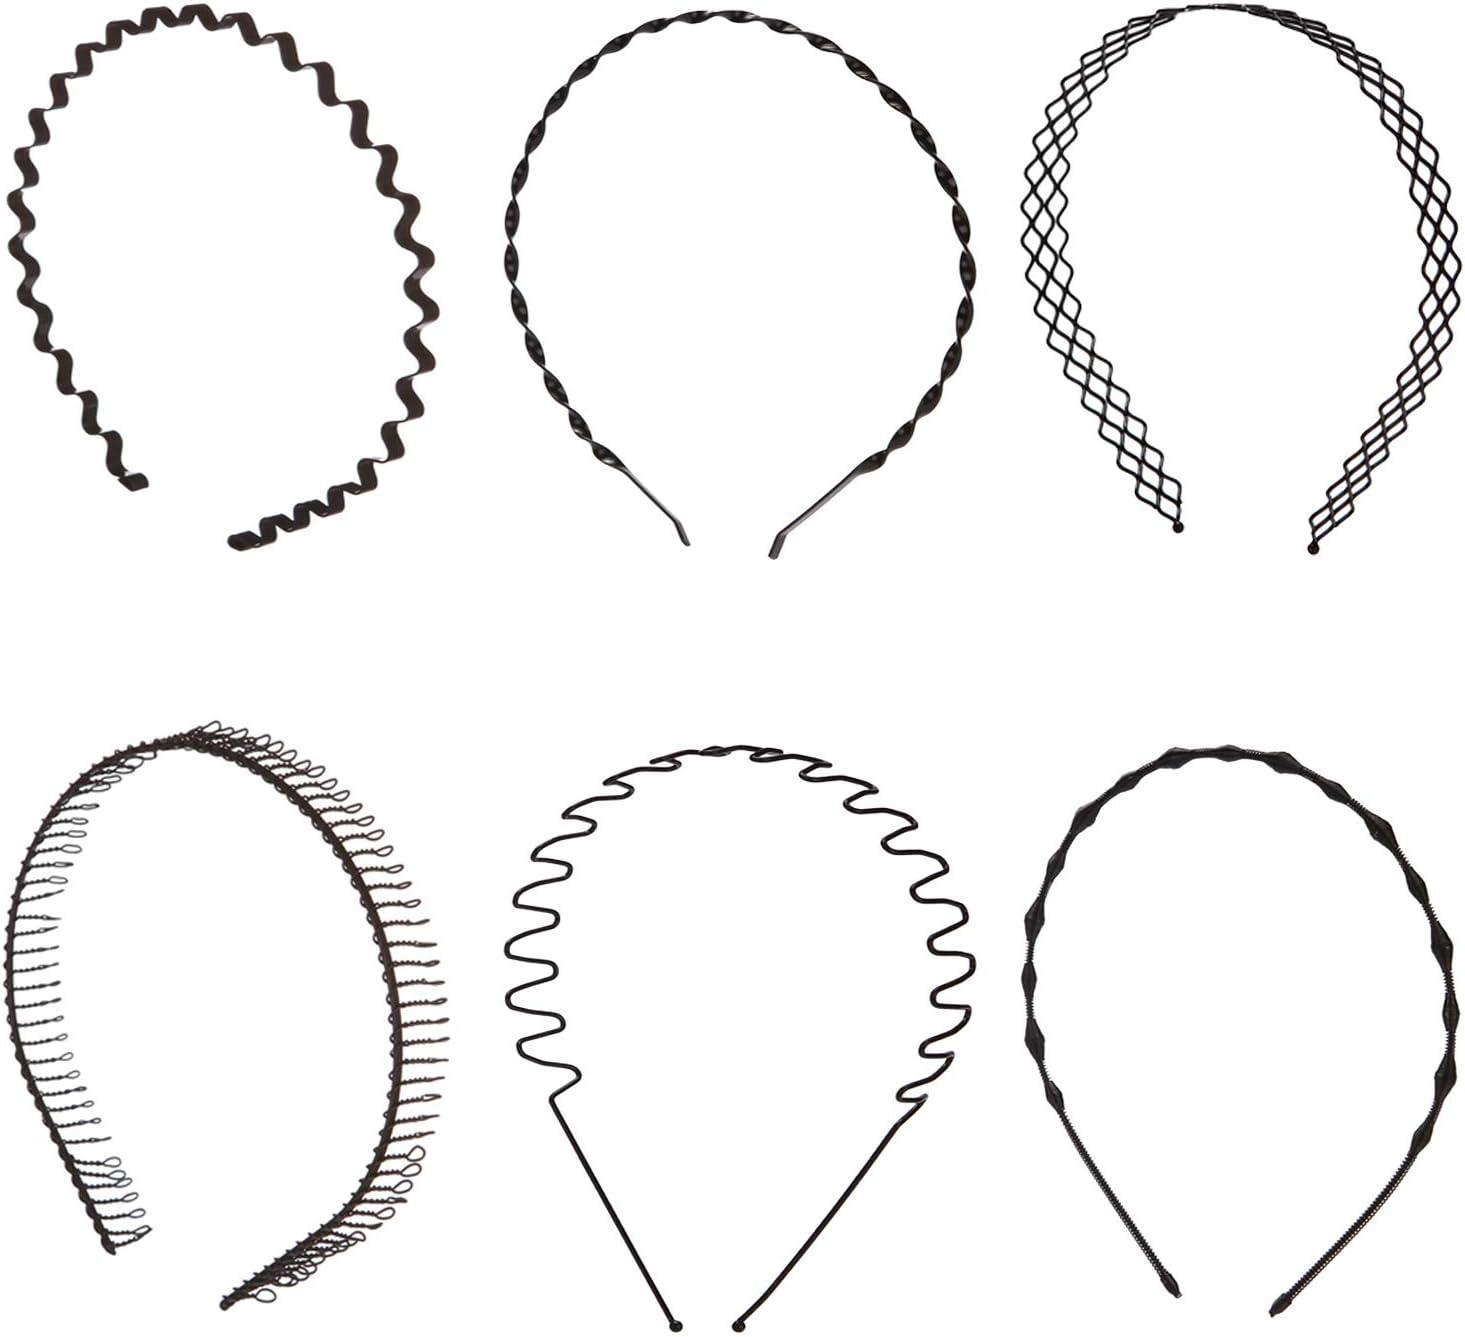 Folora 6 piezas Unisex Negro Primavera Ondulado Metal Pelo Aro Banda Hombres Mujeres Deportes Diadema Headwear Bandeau Accesorios